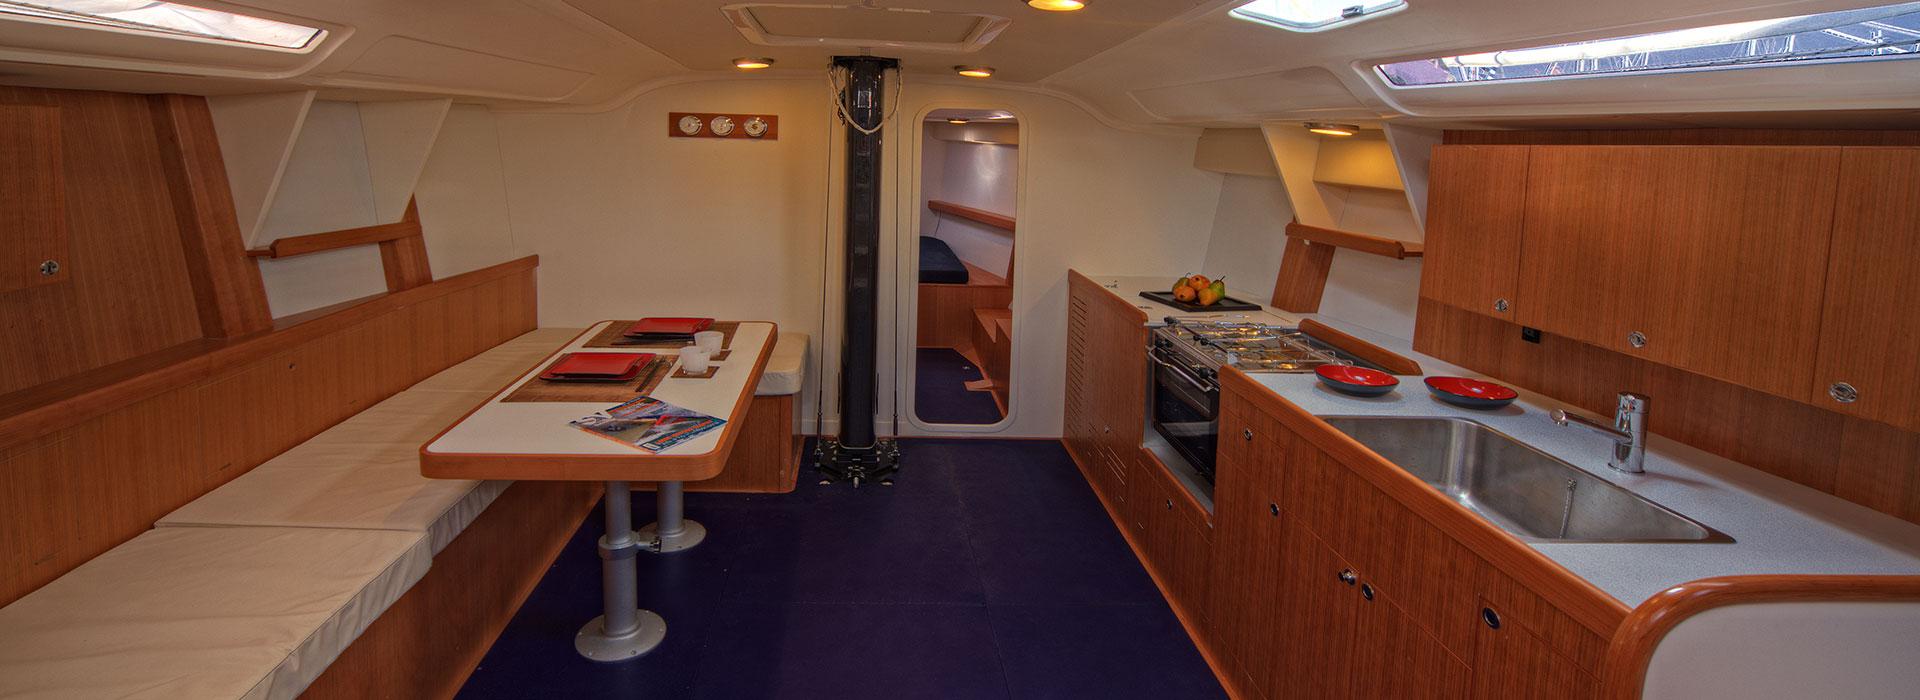 c50-interni